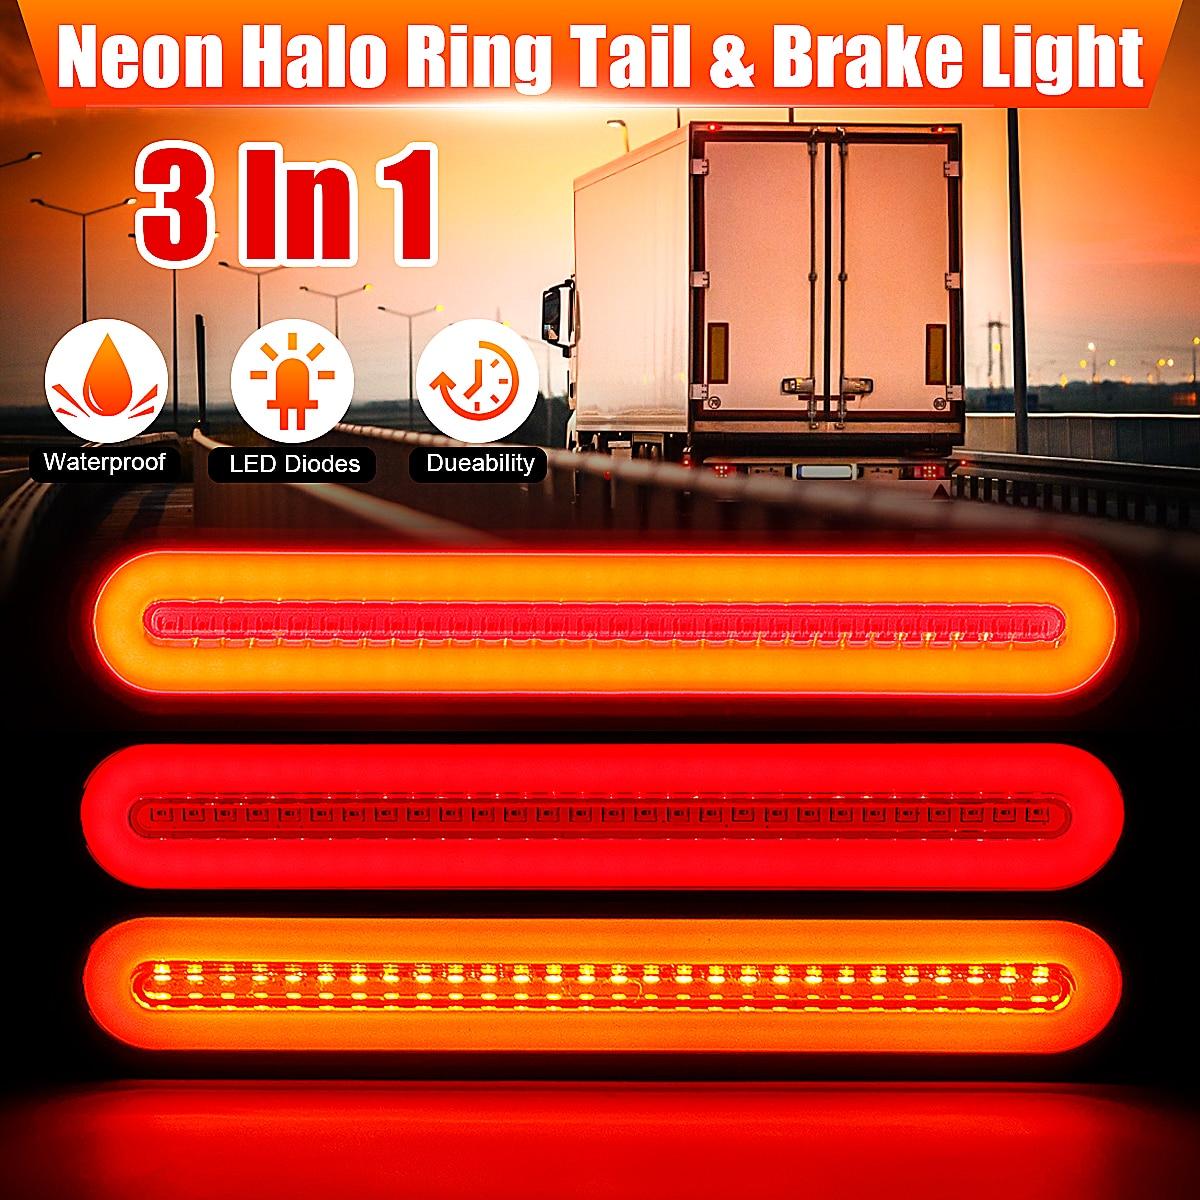 Waterproof LED Trailer Truck Brake Light 3 In 1 Neon Halo Ring Tail Brake Stop Flowing Turn Signal Light Lamp Blinker 12V-24V